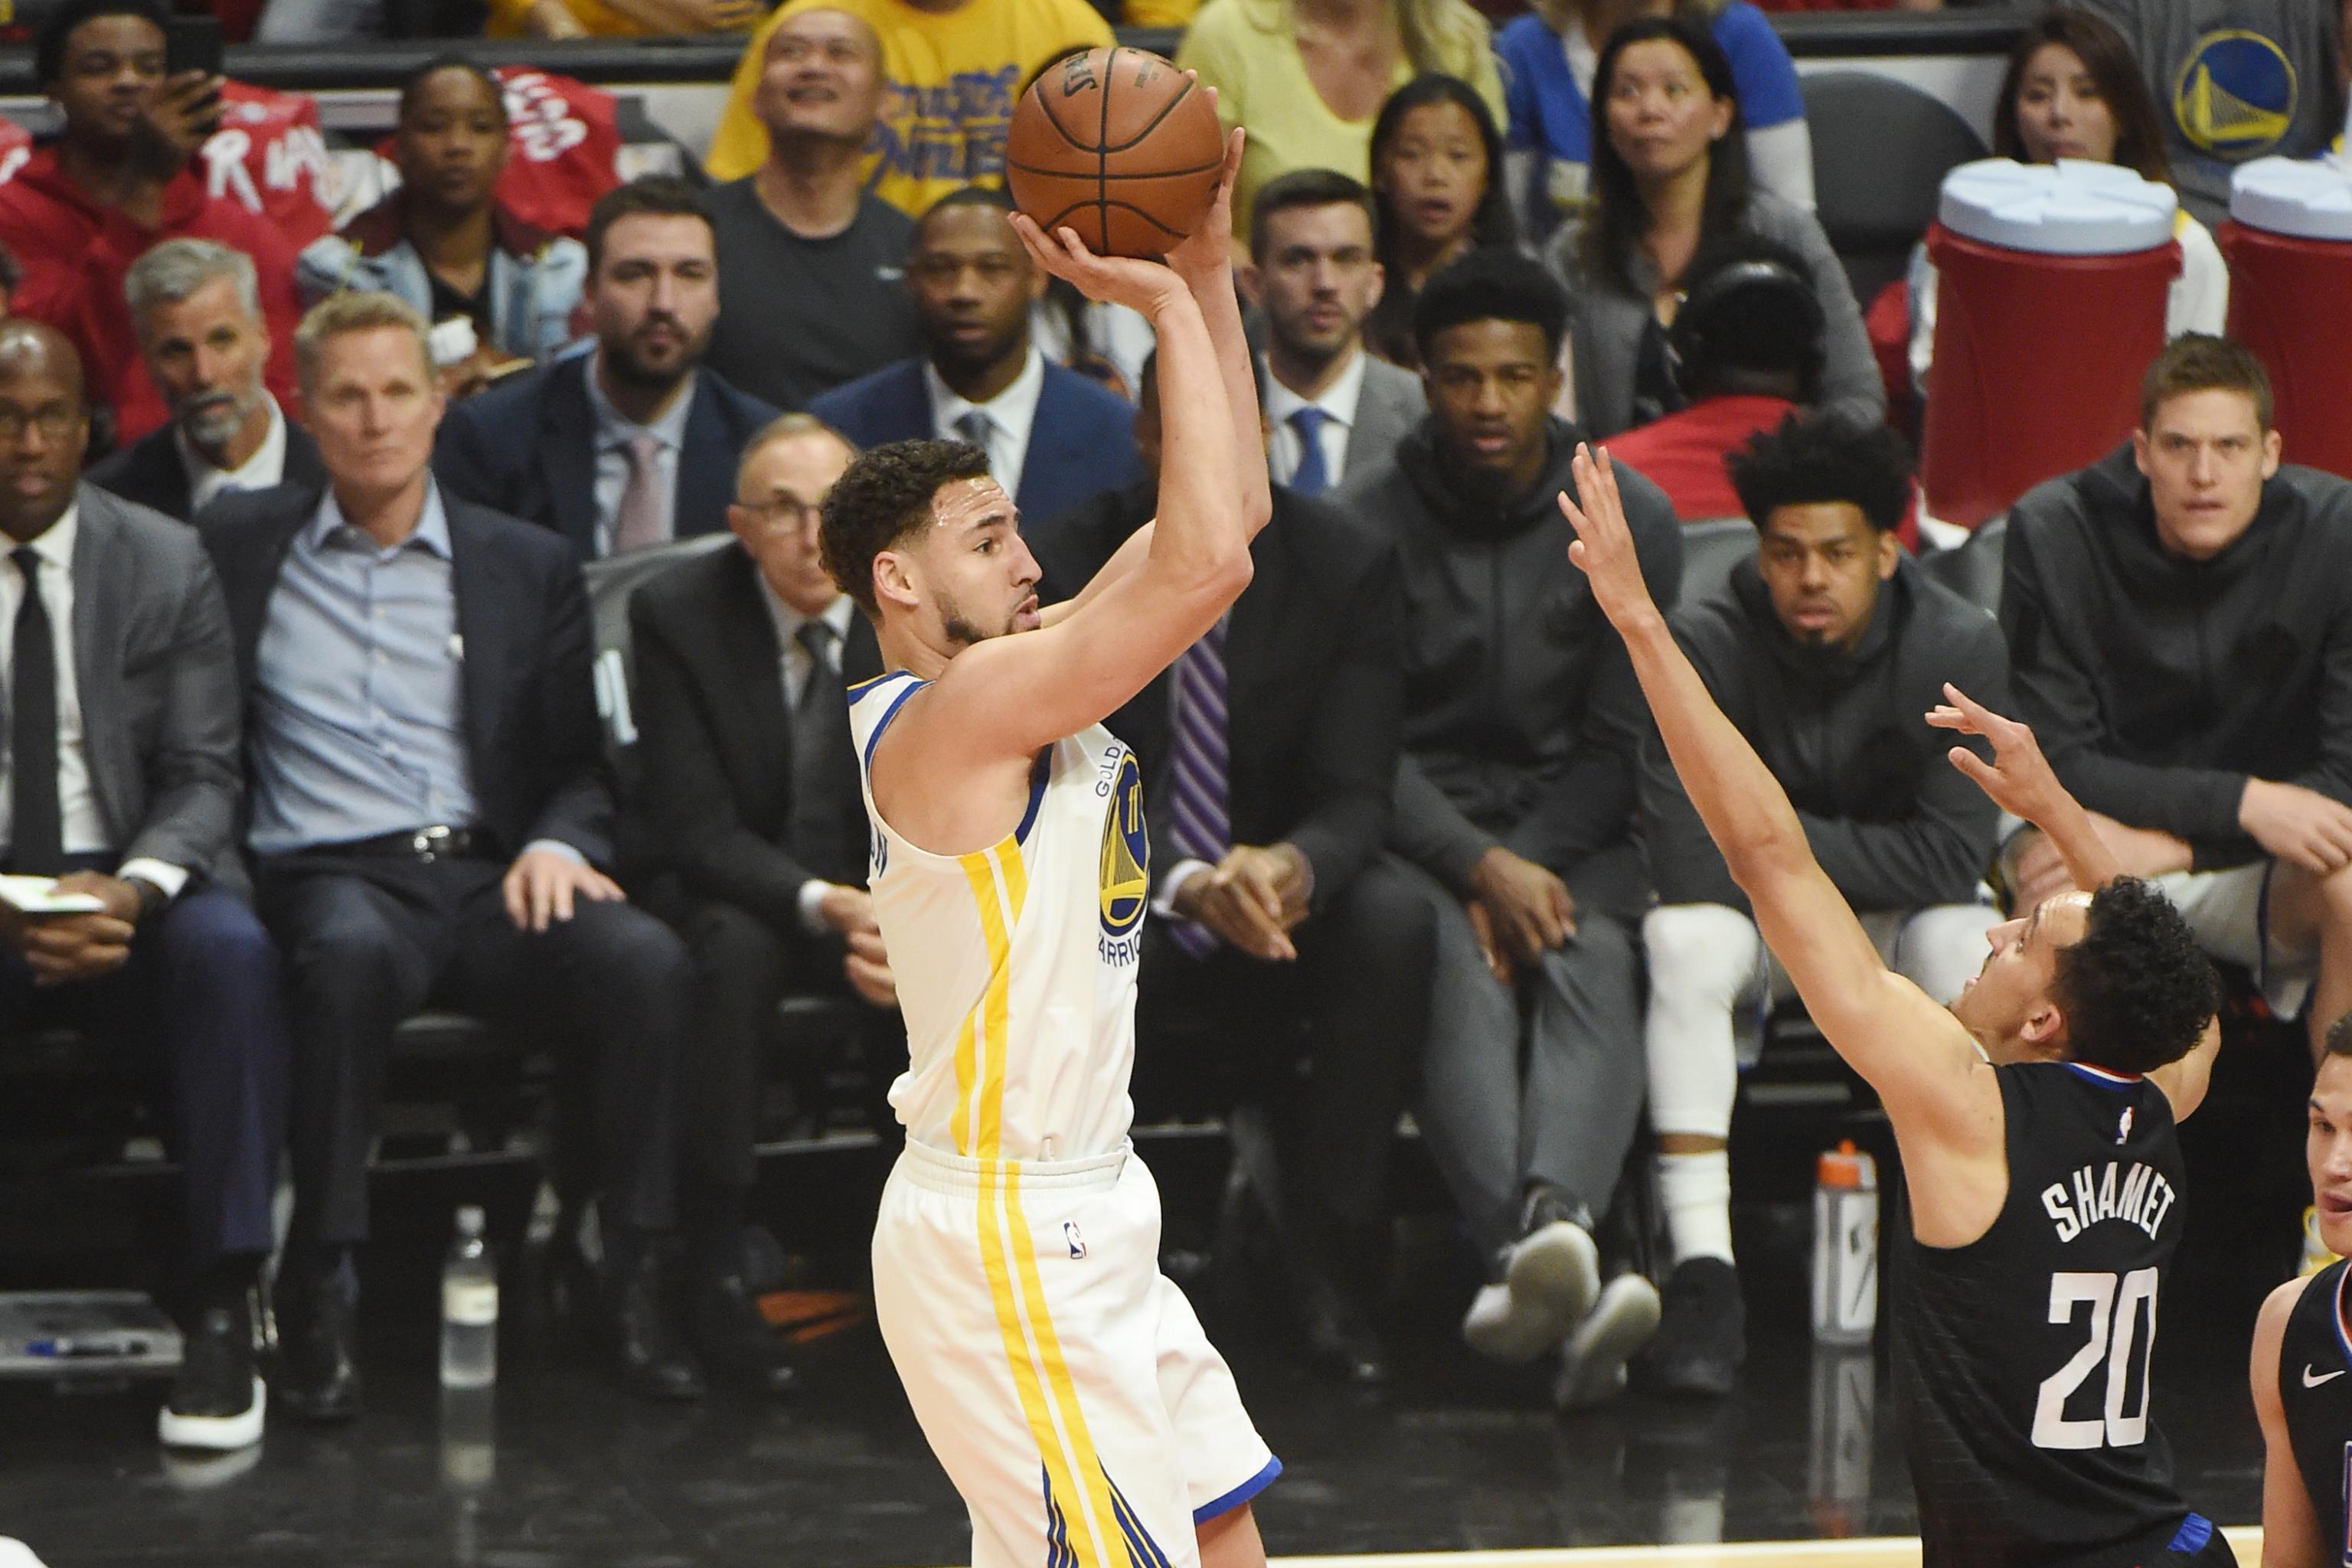 Harden gọi, Curry trả lời, siêu sao tắt điện nhưng đội vẫn thắng như một trò đùa